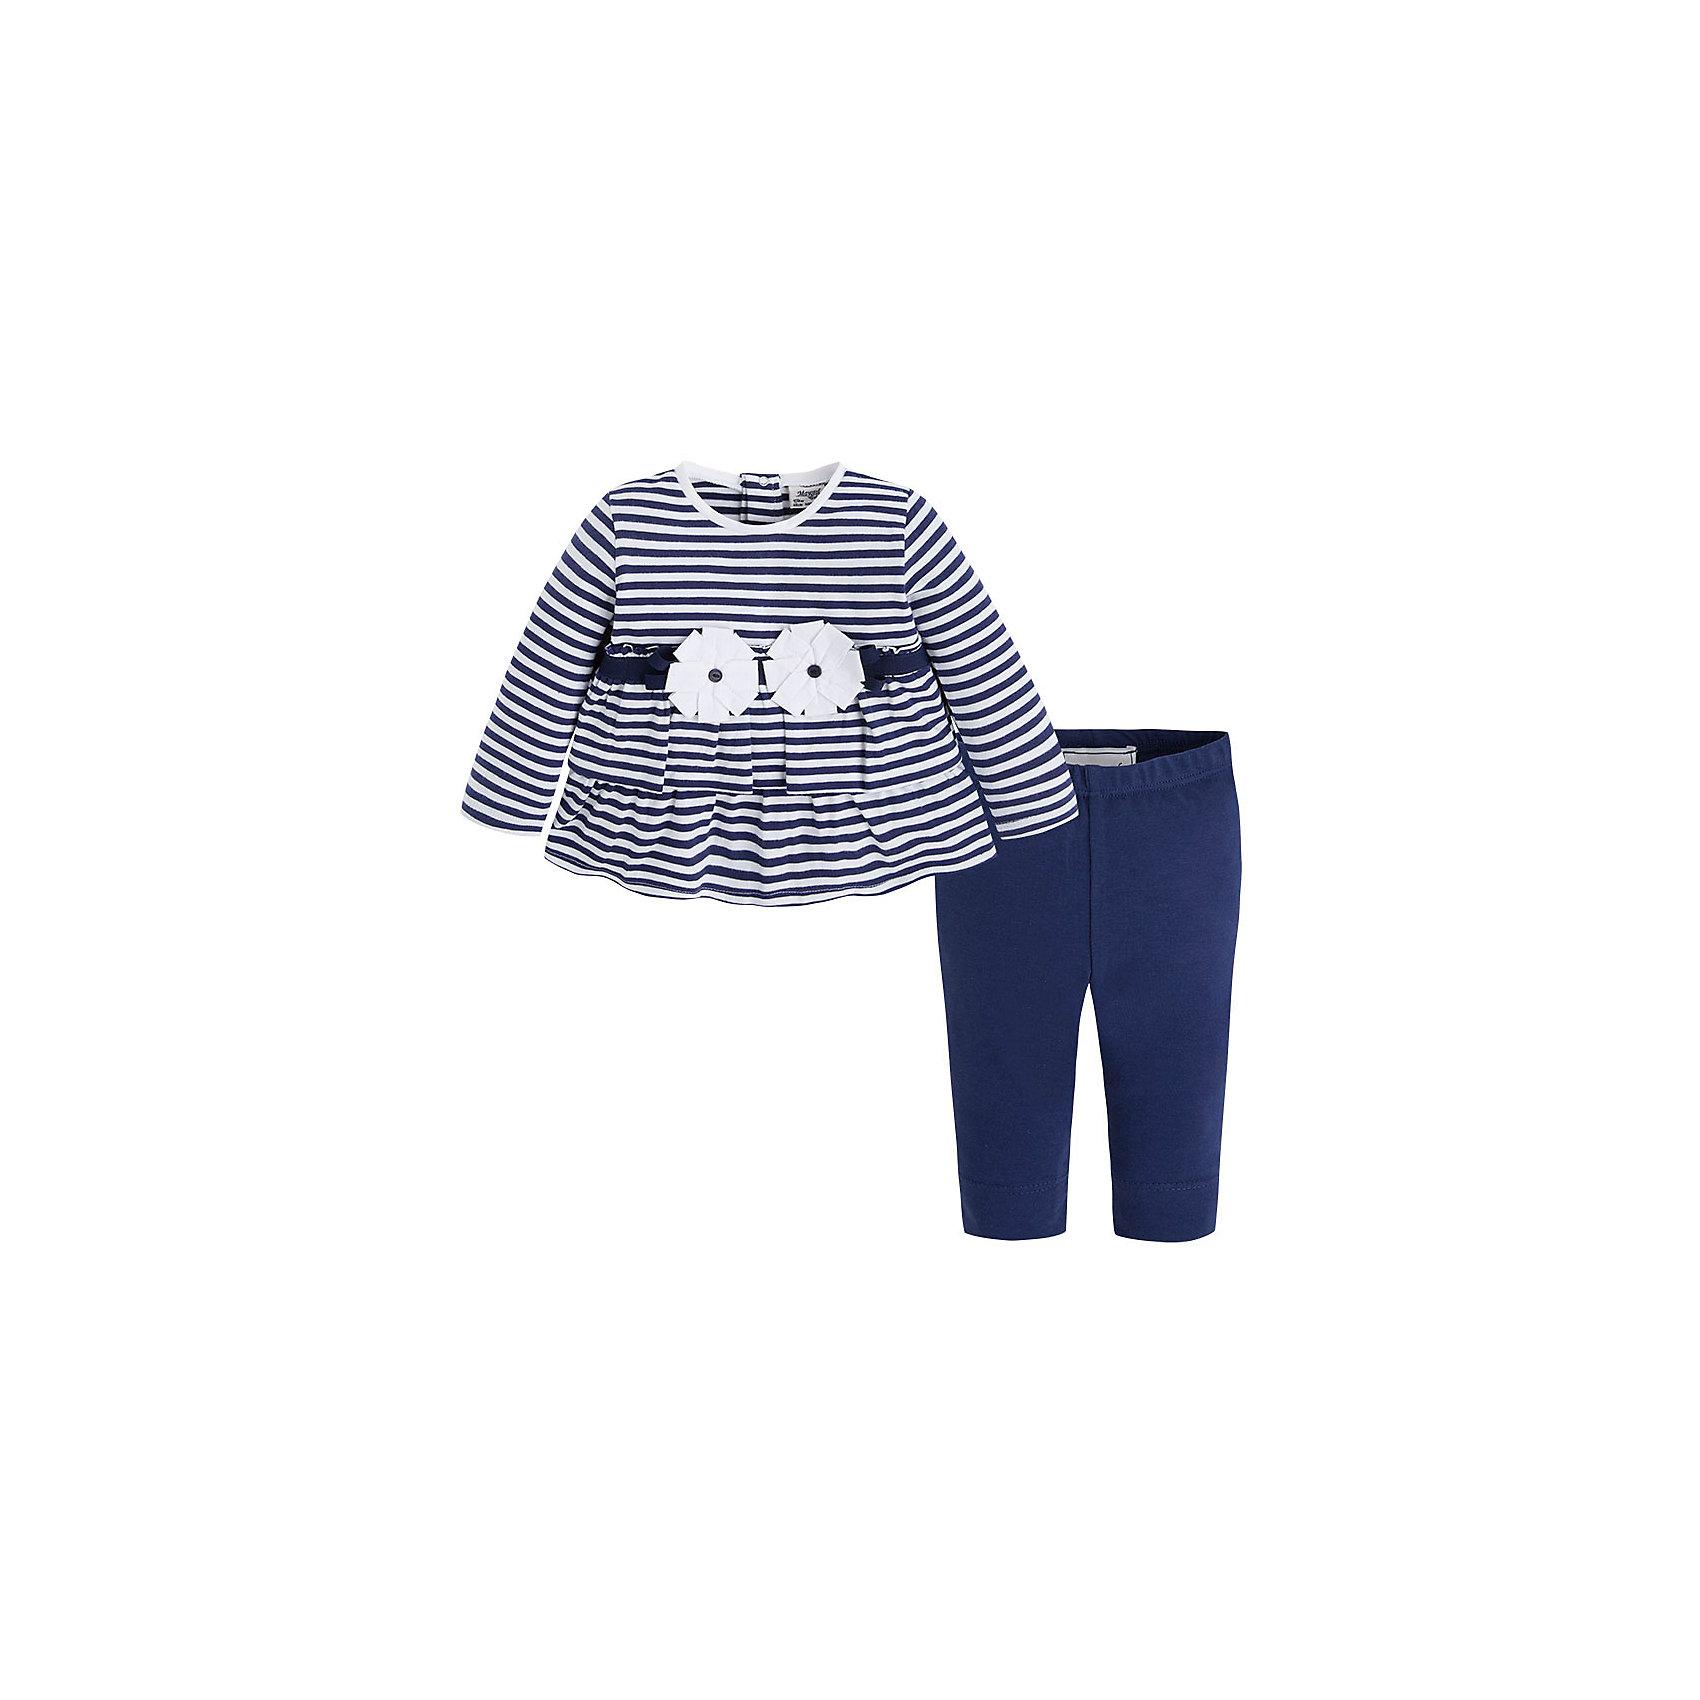 Комплект для девочки: футболка и леггинсы для MayoralКомплект: леггинсы и футболка для девочки от испанской марки Mayoral приведет в восторг юных модниц.<br><br>Дополнительная информация:<br><br>- Мягкая, приятная на ощупь ткань.<br>- Крой футболки: трапеция.<br>- Округлый вырез горловины.<br>- Длинный рукав.<br>- Полосатый принт.<br>- Объемная аппликация в виде цветов. <br>- Застегивается на кнопки на спине. <br>- Леггинсы на эластичном поясе с резинкой.<br>- Отлично смотрятся на фигуре.<br>- Состав: 95% хлопок, 5% эластан. <br><br>Комплект: леггинсы и футболку для девочки Mayoral (Майорал) можно купить в нашем магазине.<br><br>Ширина мм: 199<br>Глубина мм: 10<br>Высота мм: 161<br>Вес г: 151<br>Цвет: синий<br>Возраст от месяцев: 6<br>Возраст до месяцев: 9<br>Пол: Женский<br>Возраст: Детский<br>Размер: 74,92,86,80<br>SKU: 4537918